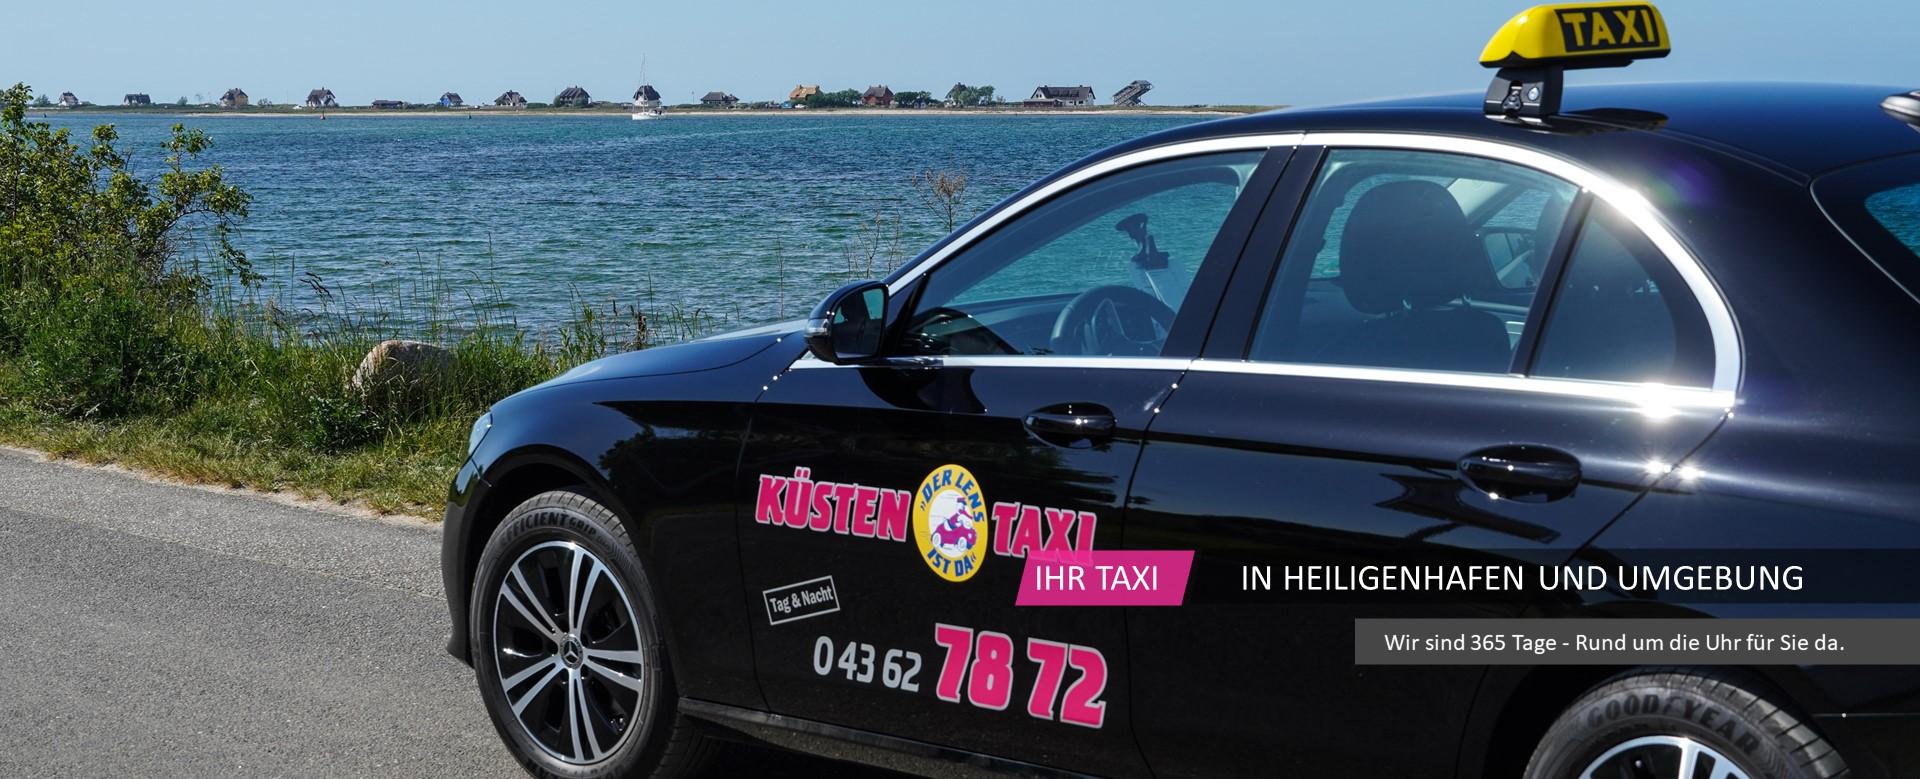 Küsten Taxi Heiligenhafen